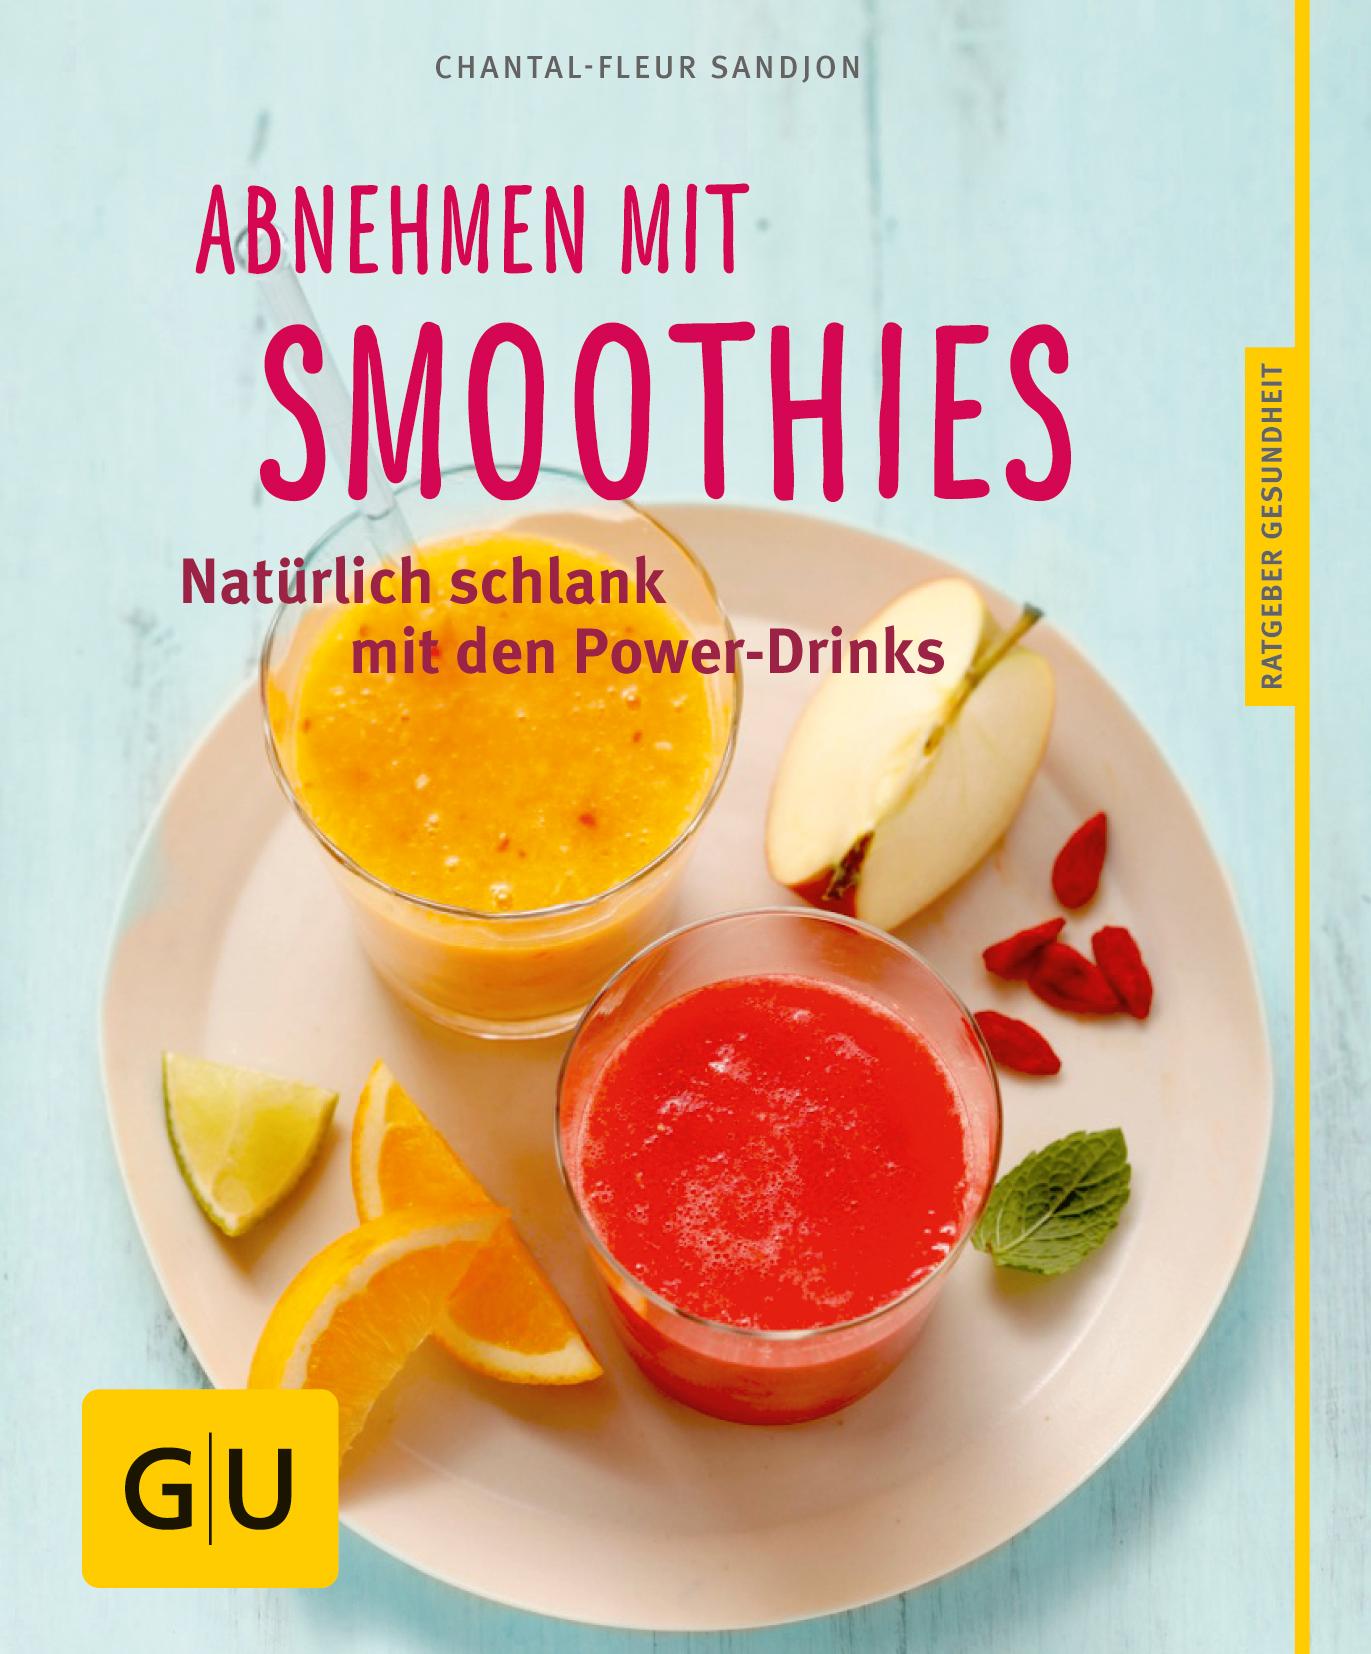 Abnehmen mit Smoothies: Natürlich schlank mit den Power-Drinks - Chantal-Fleur Sandjon